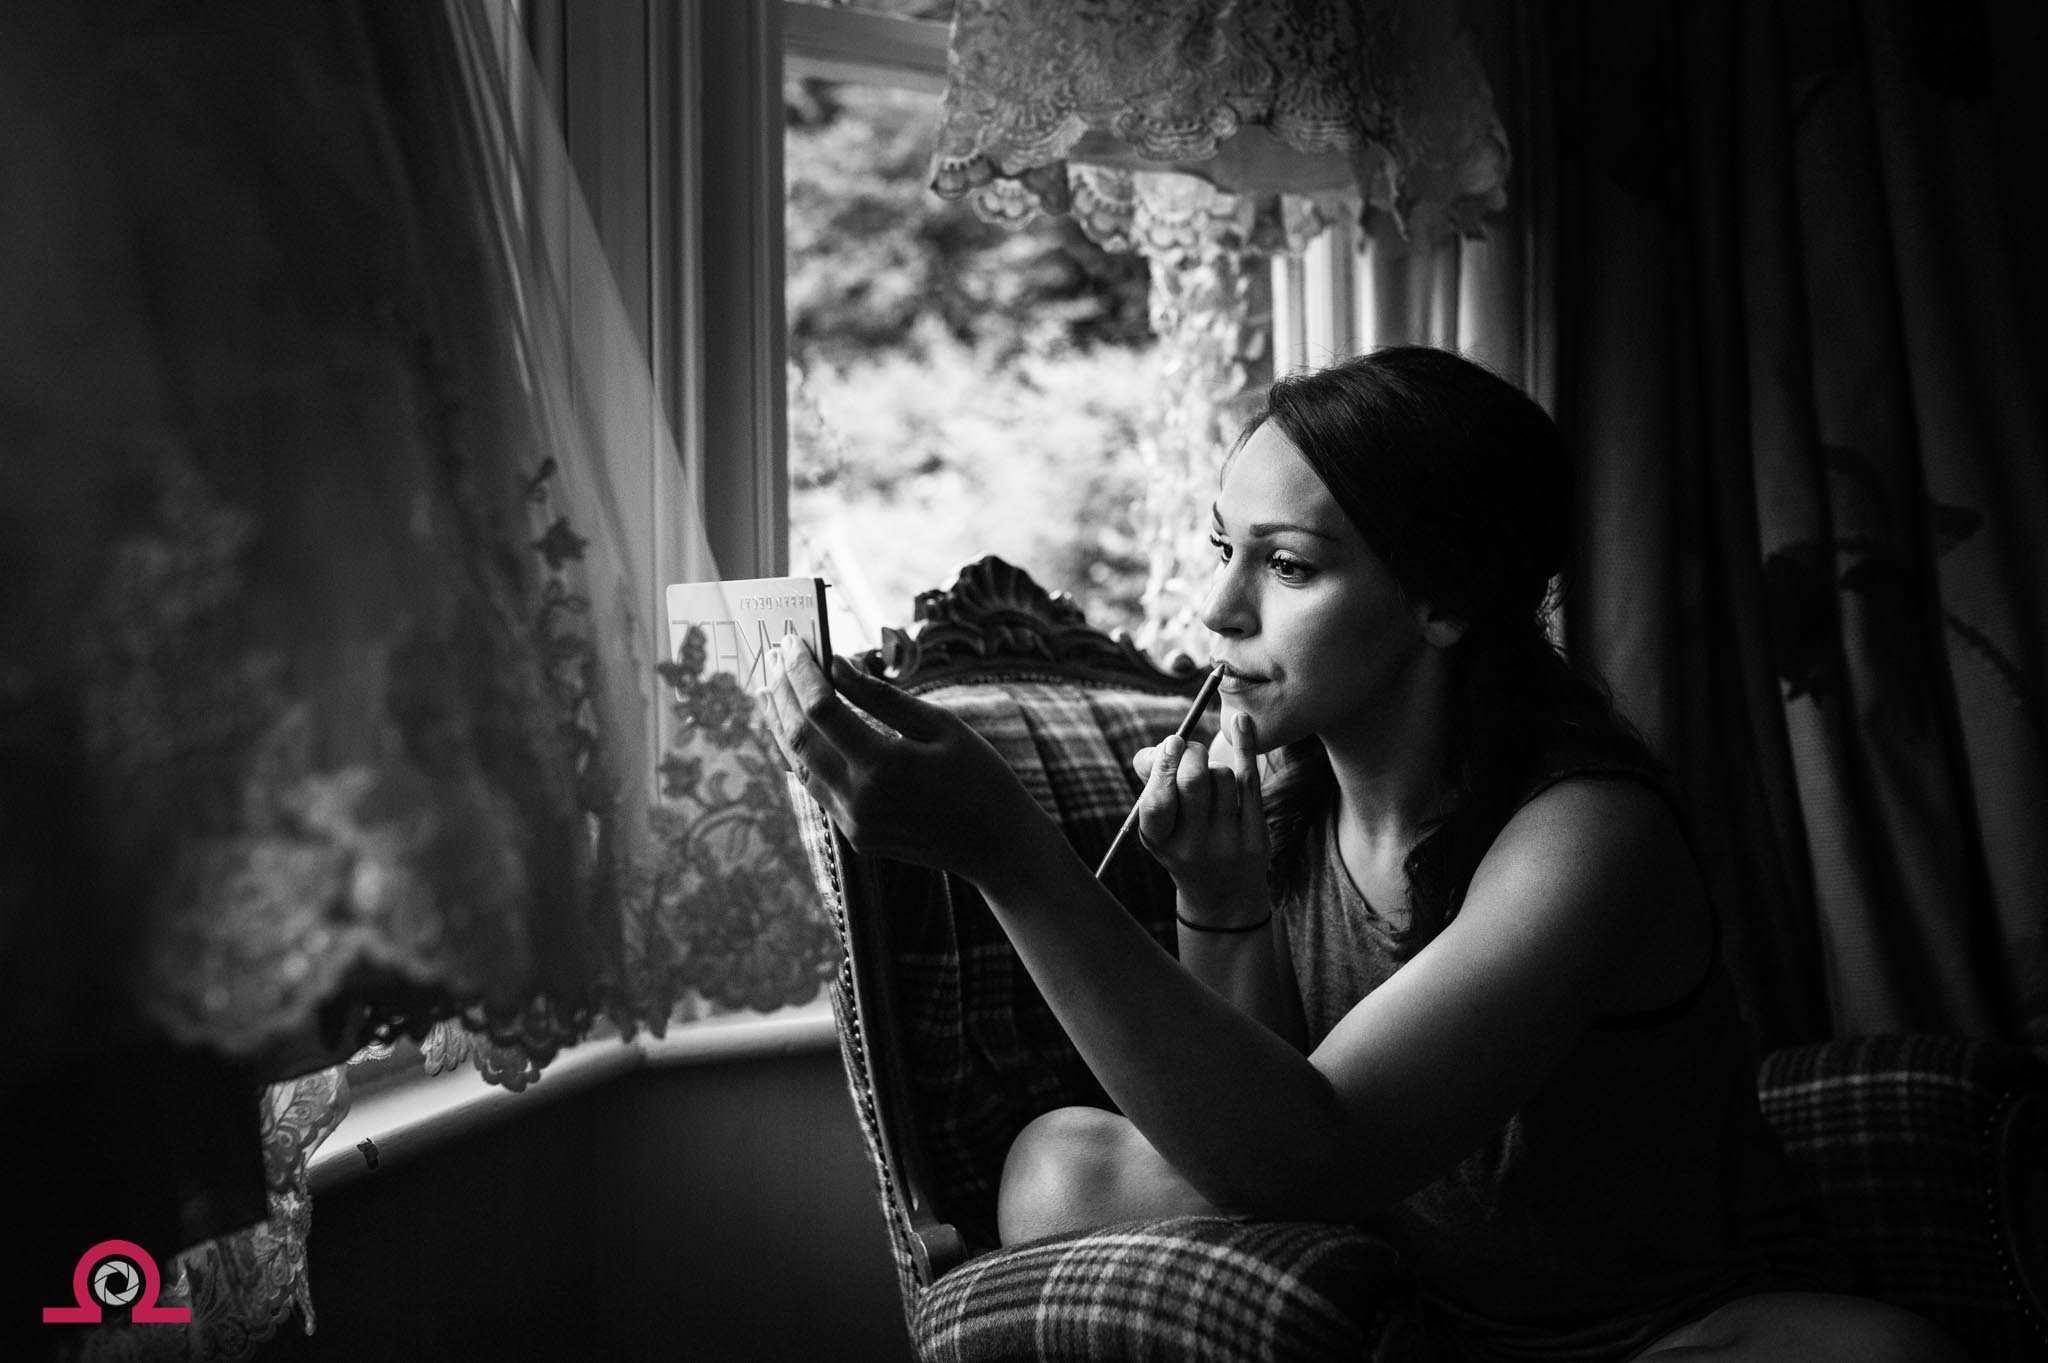 Larmertree-bride-in-window